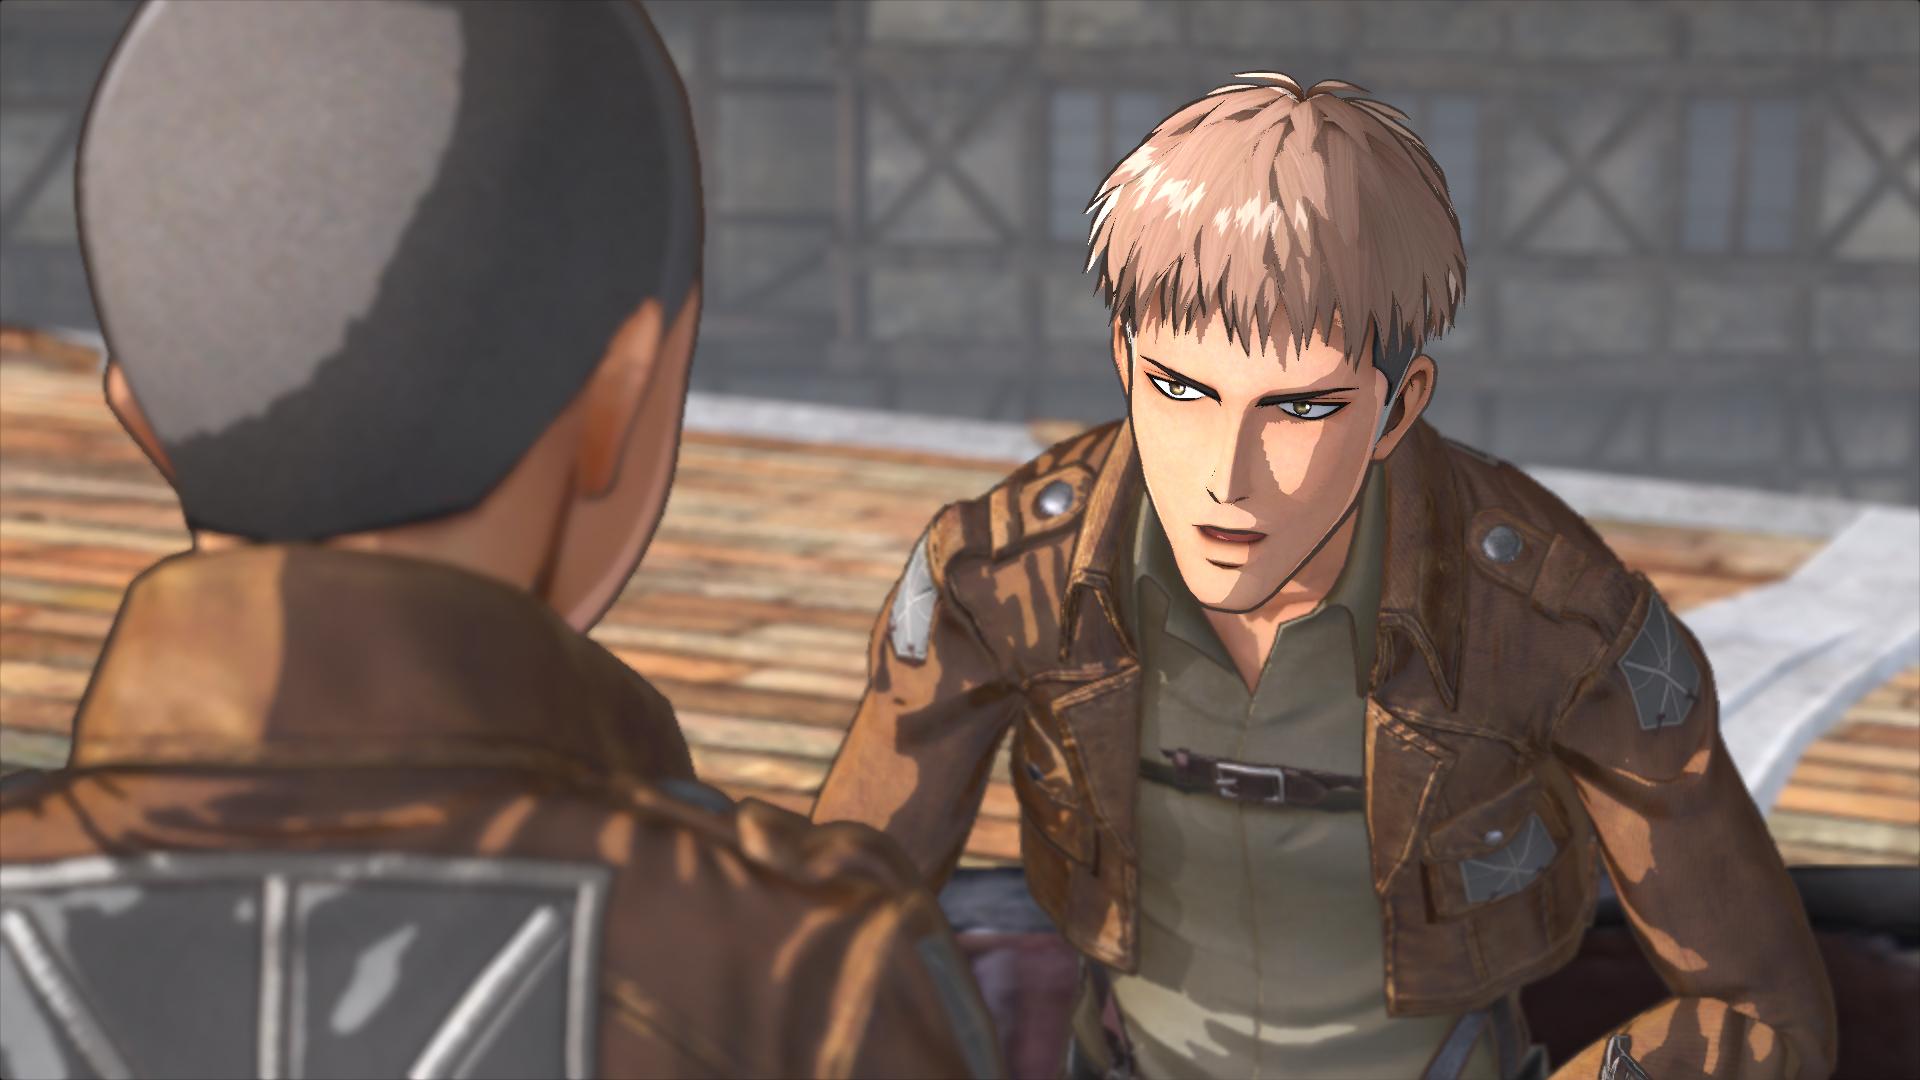 Attack on Titan vychází v srpnu také na Xbox One a PC 122007